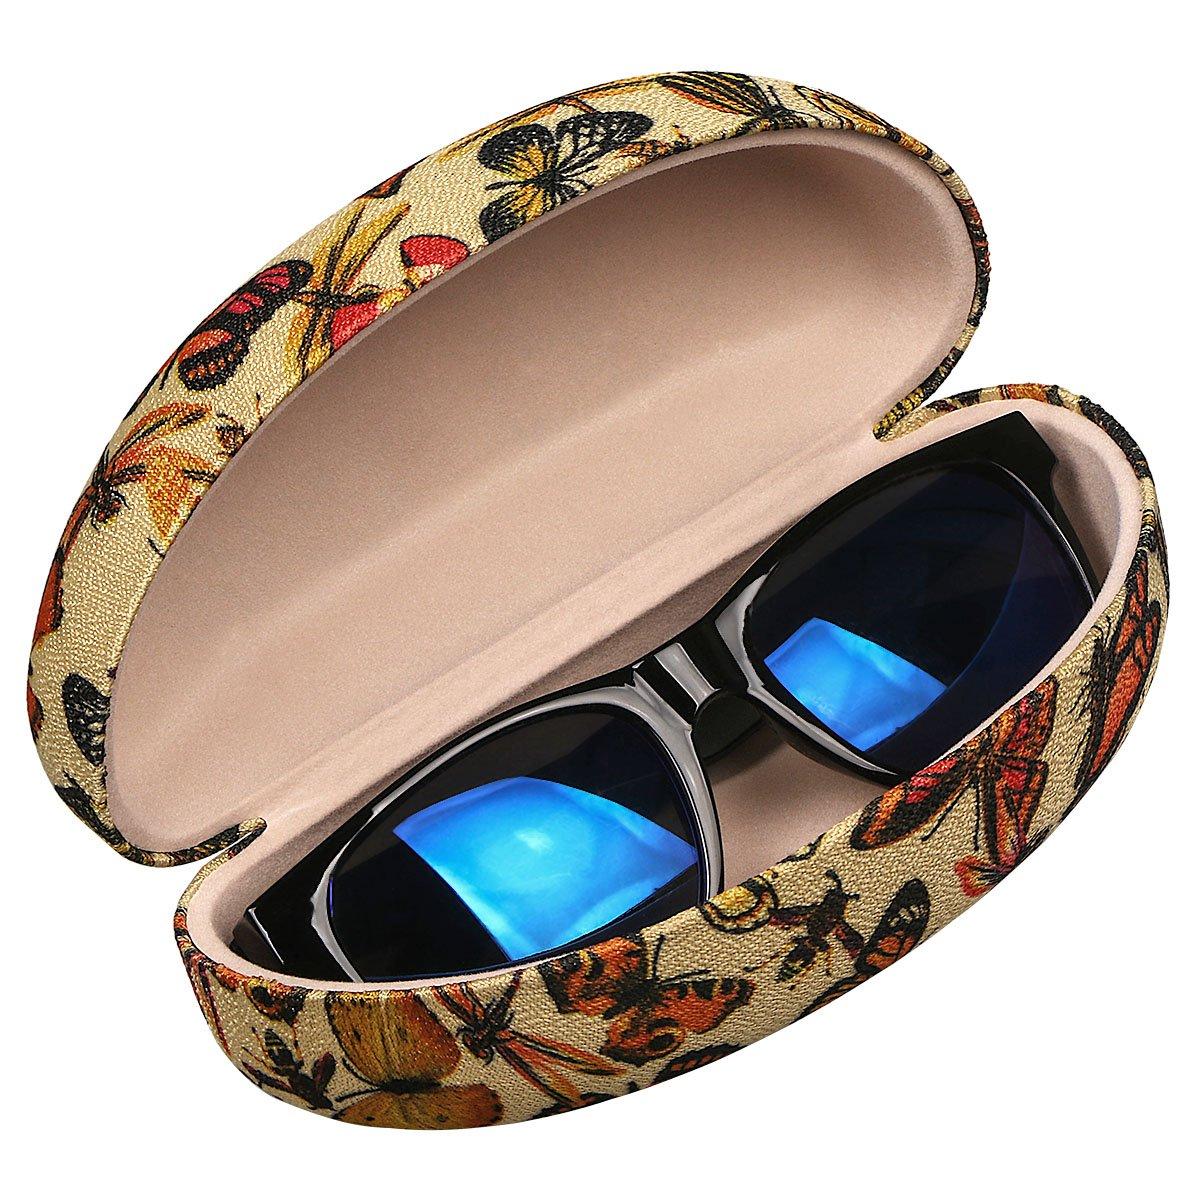 xhorizon FL1 Hard Shell Sunglasses Case,Classic Extra Large Case for Oversized Sunglasses and Eyeglasses